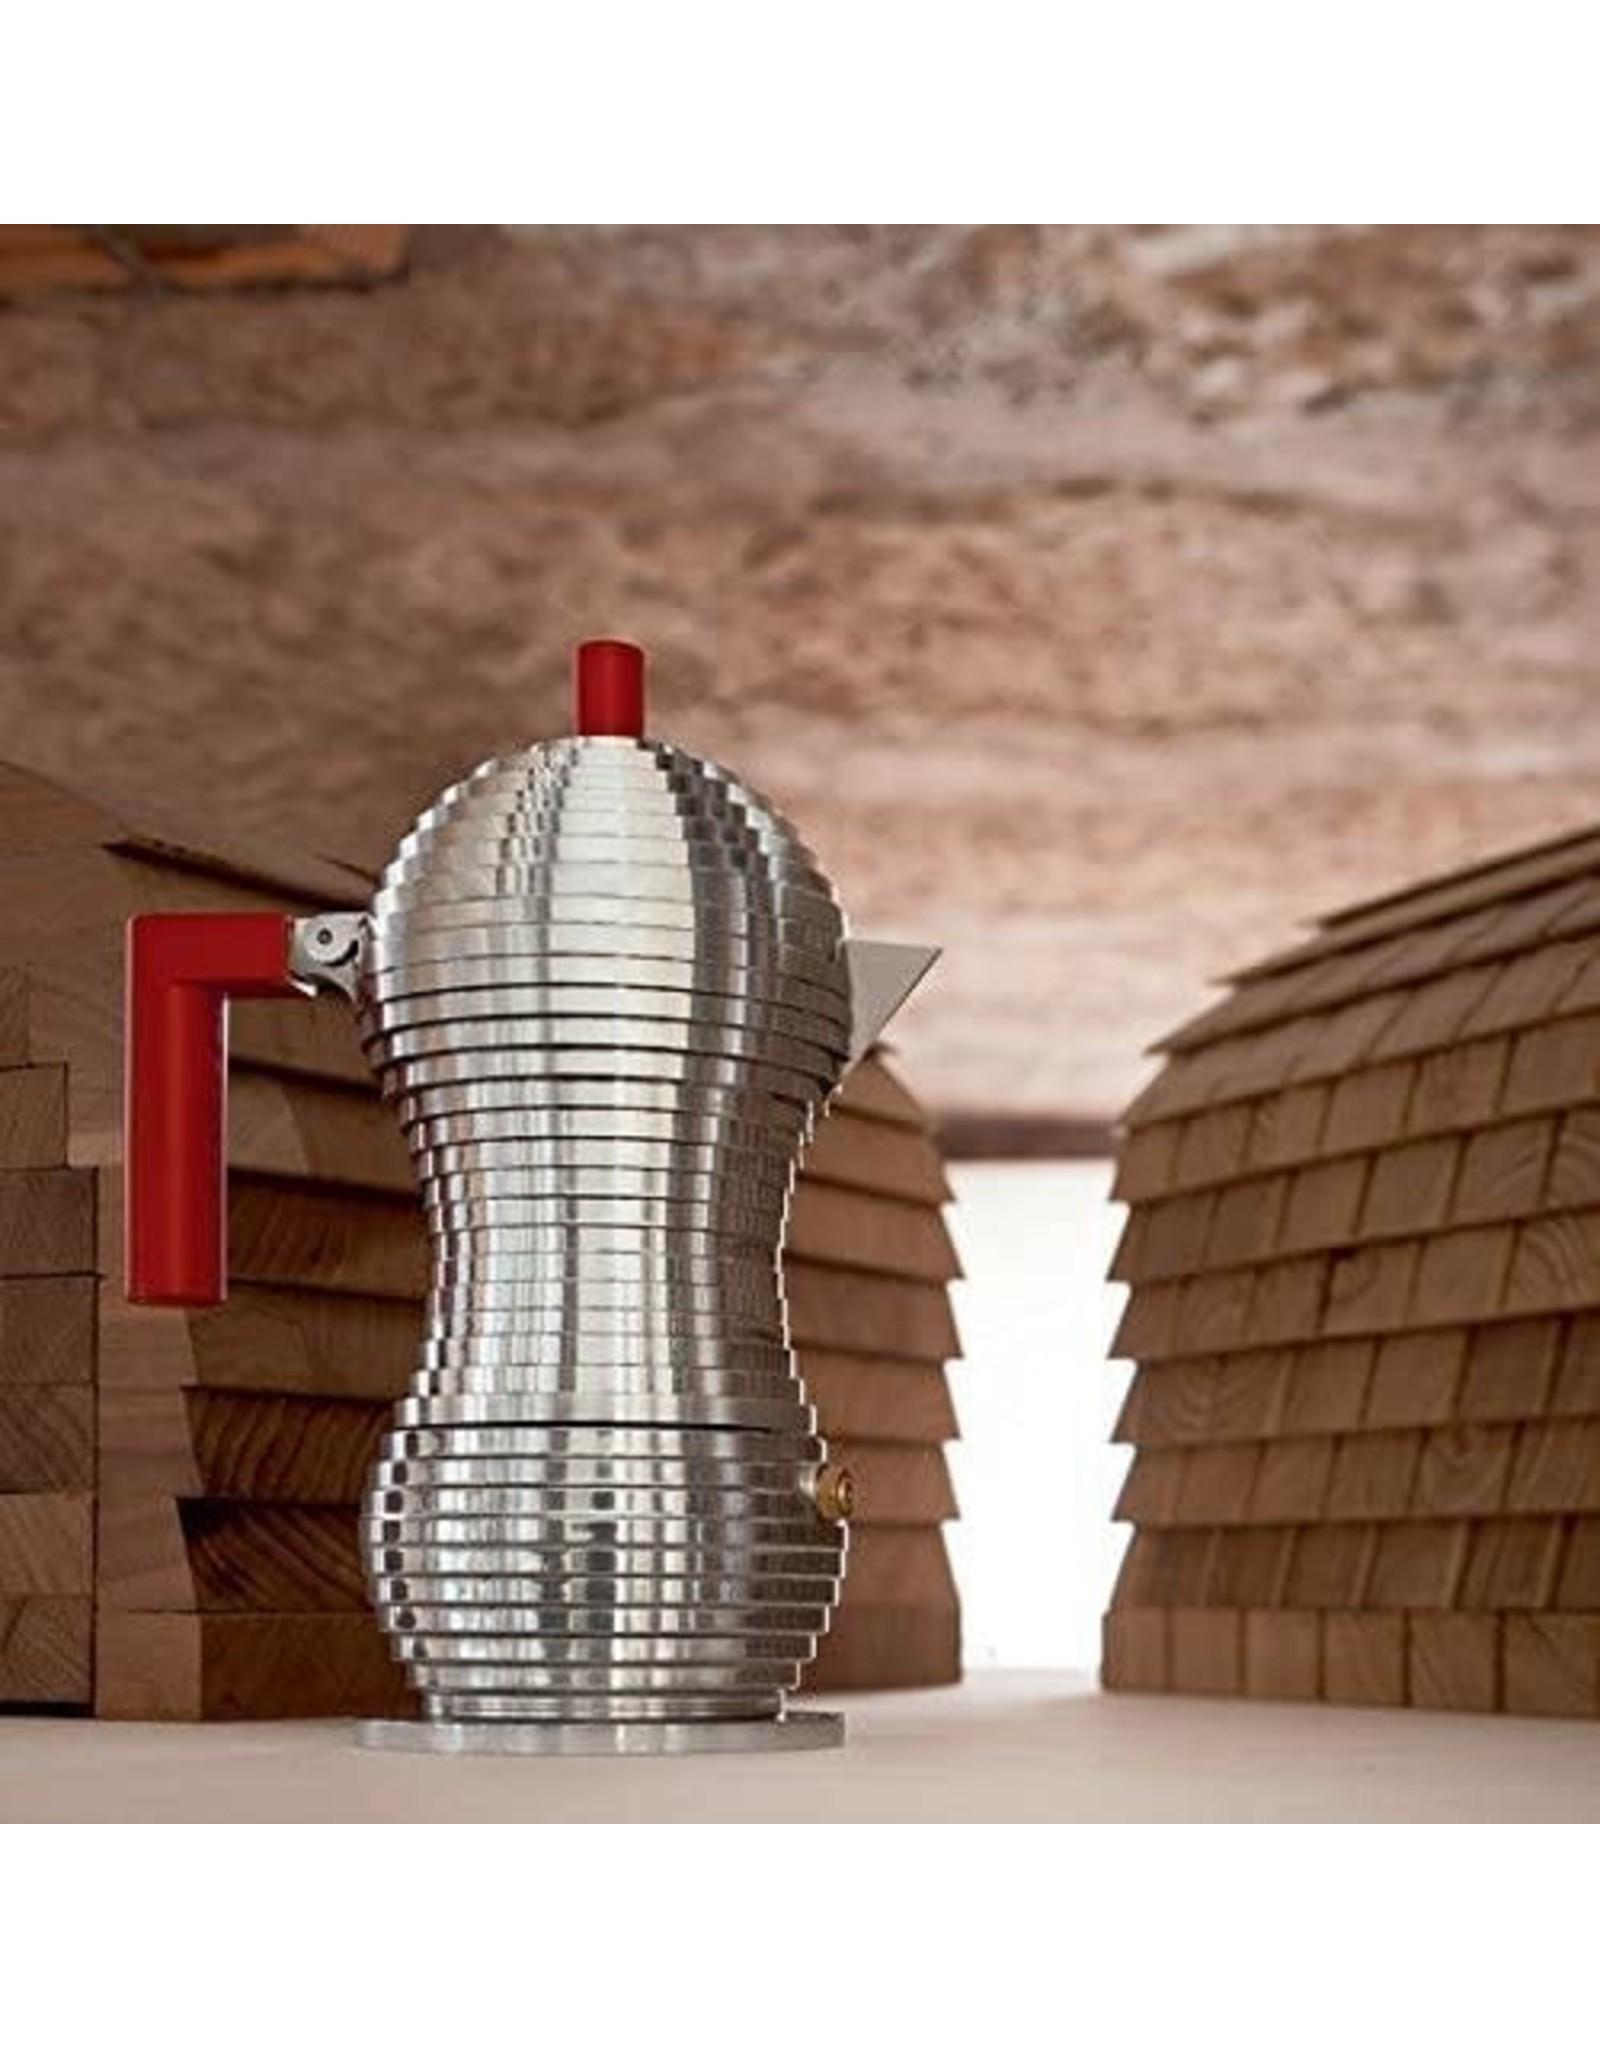 Alessi ALESSI 'PULCINA' Espresso Coffee Maker - 3 cup - Red Knob & Handle